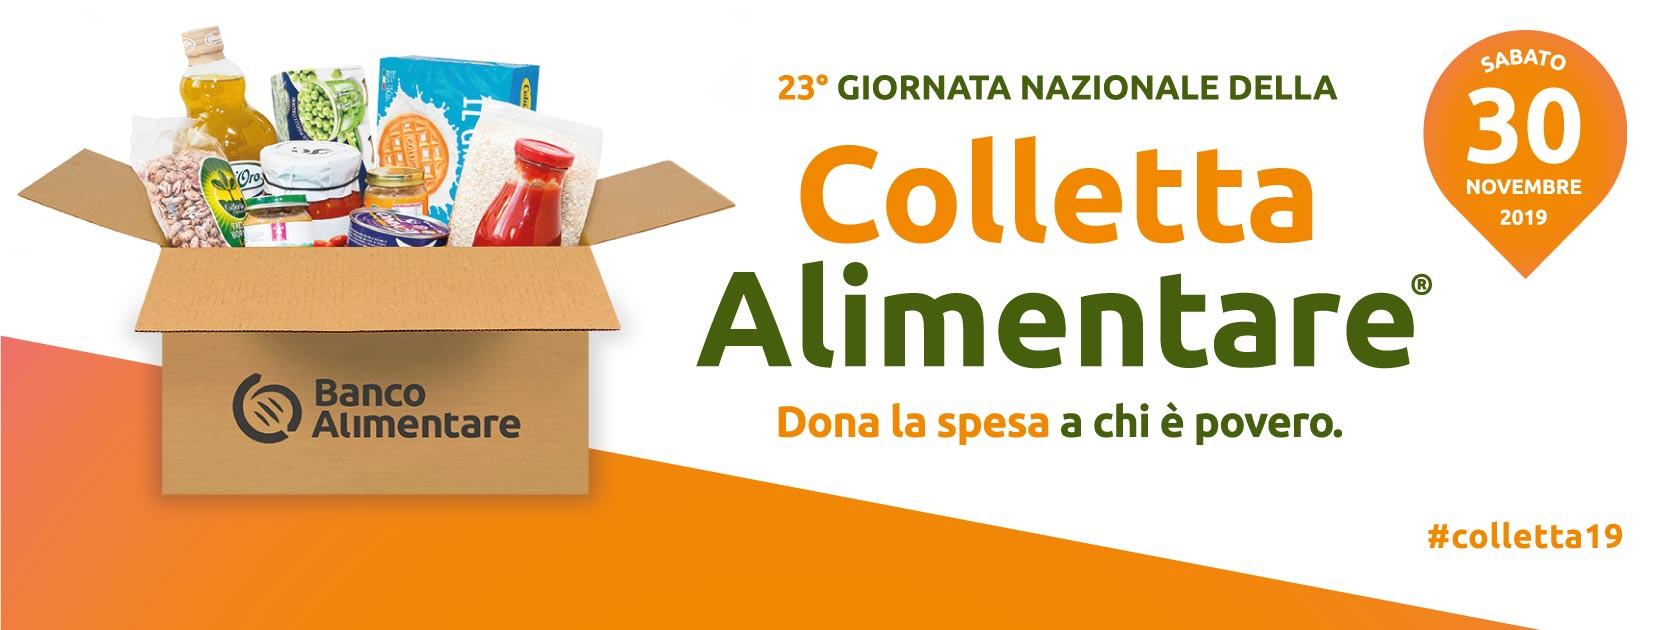 Grande successo per la Colletta Alimentare di sabato 30 novembre. A Cortona, raccolti quasi 34 quintali di alimenti